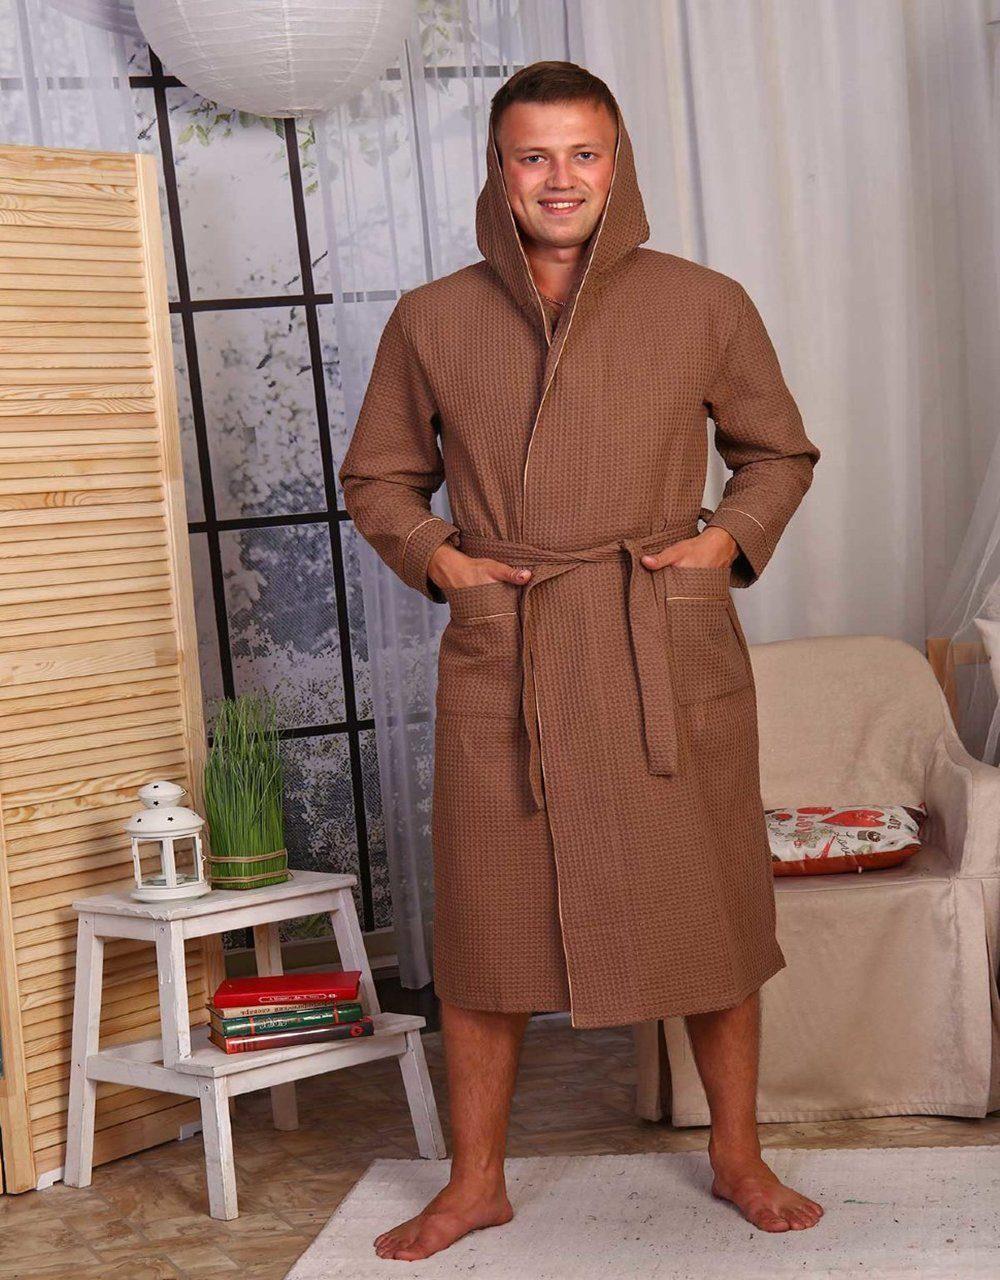 Халат вафельный (50 фото): женский, для бани, для сауны, с капюшоном, для гостиниц, отзывы, из бамбука